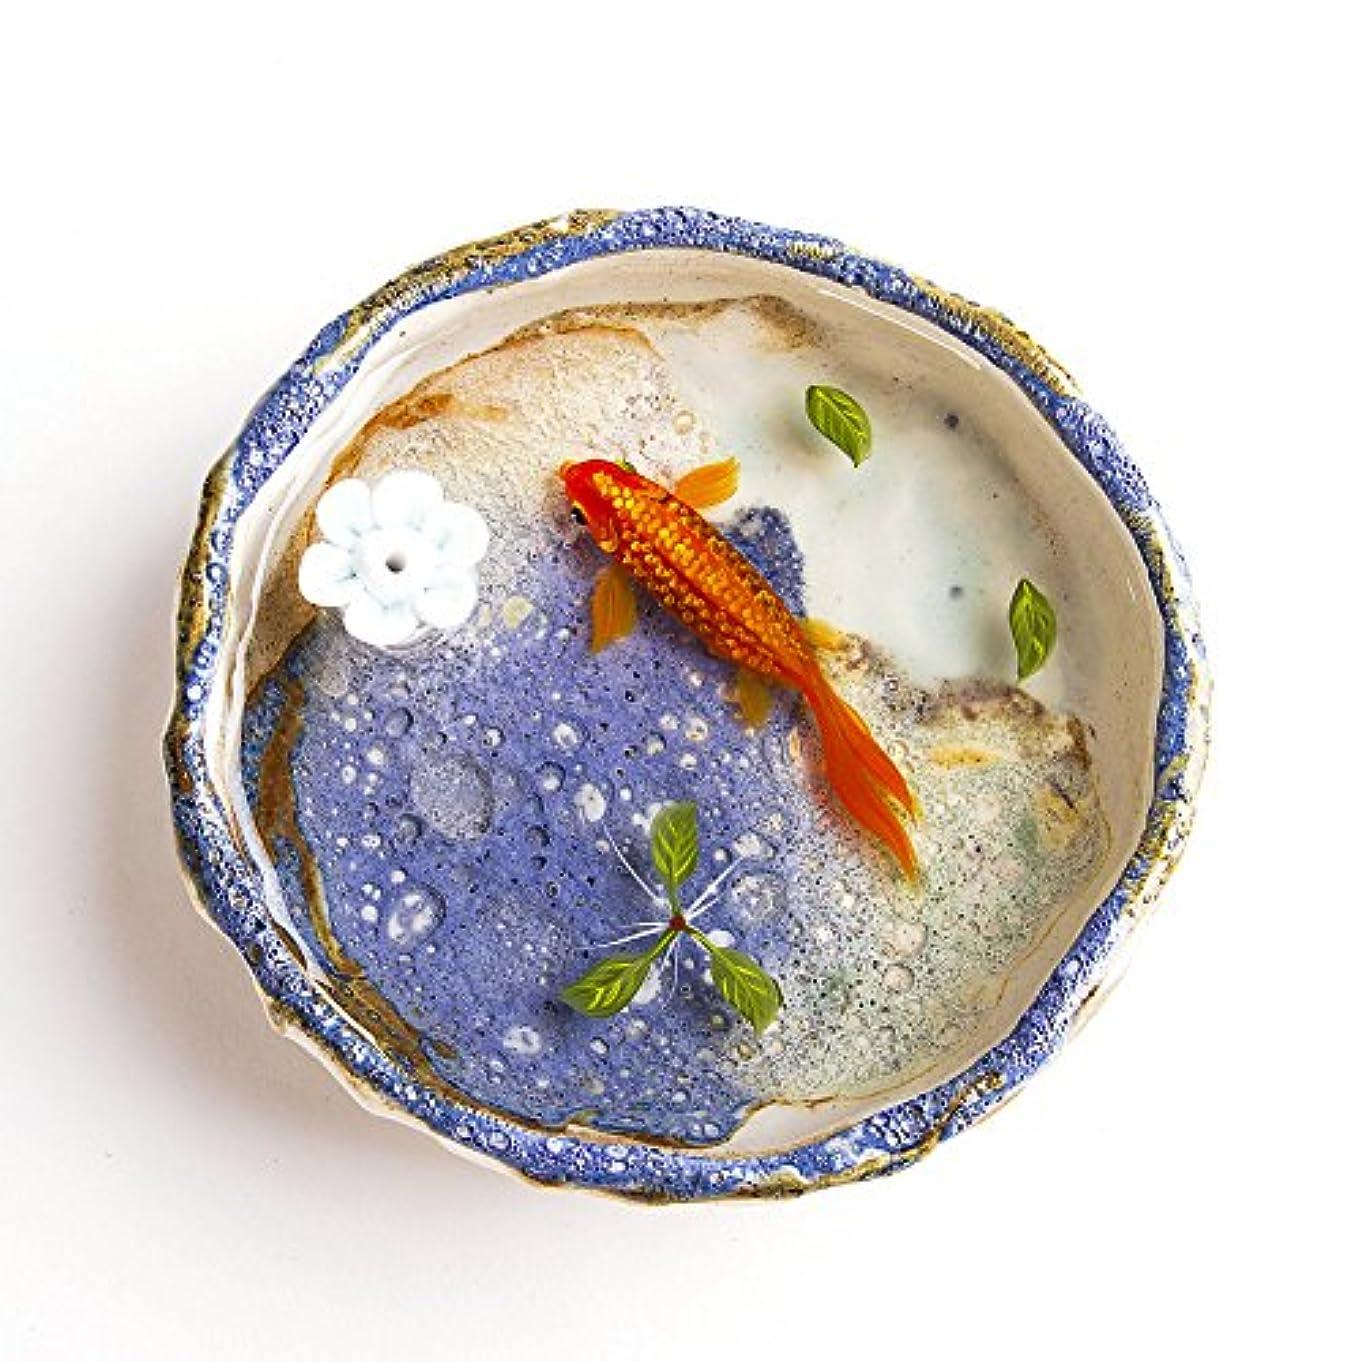 素晴らしい証明する月お香立て お香たて 香の器 お香を焚いて 香皿,陶磁器、ブルー